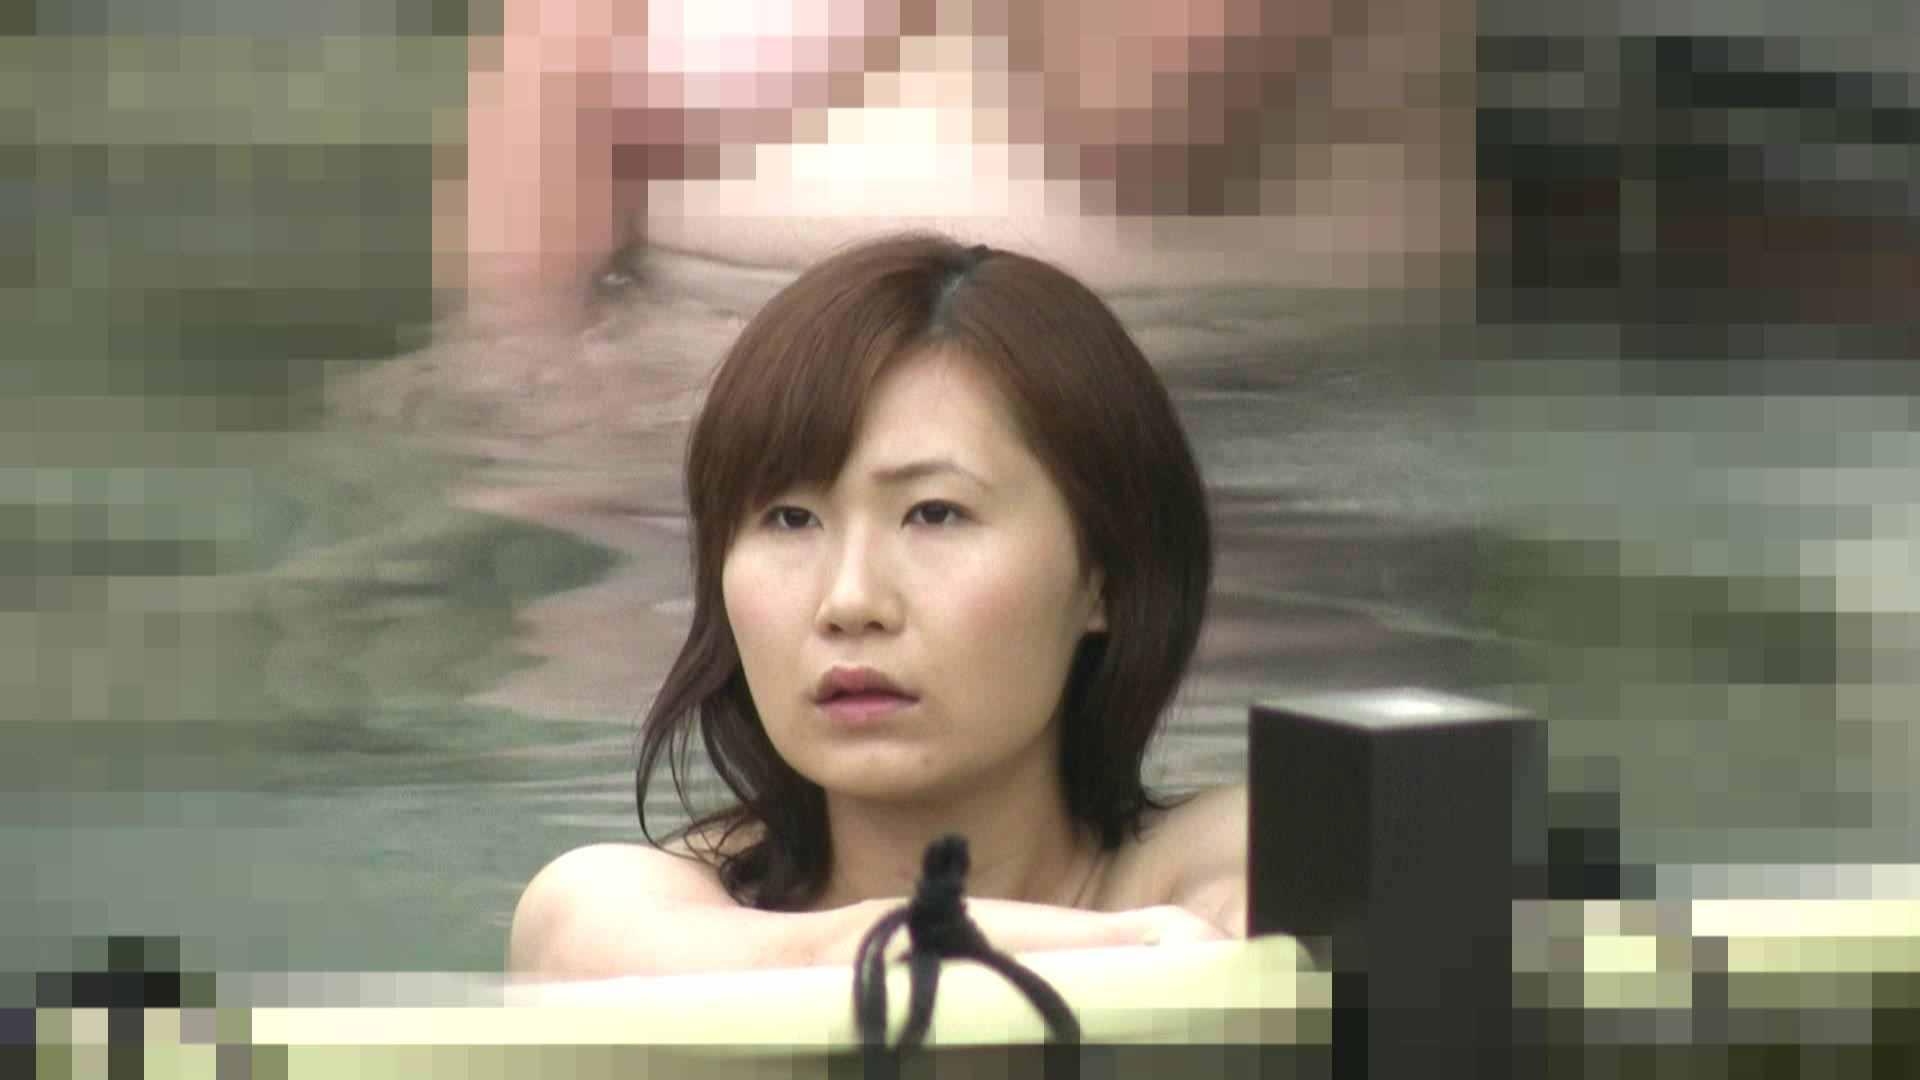 Aquaな露天風呂Vol.814 露天 ワレメ動画紹介 33PICs 14